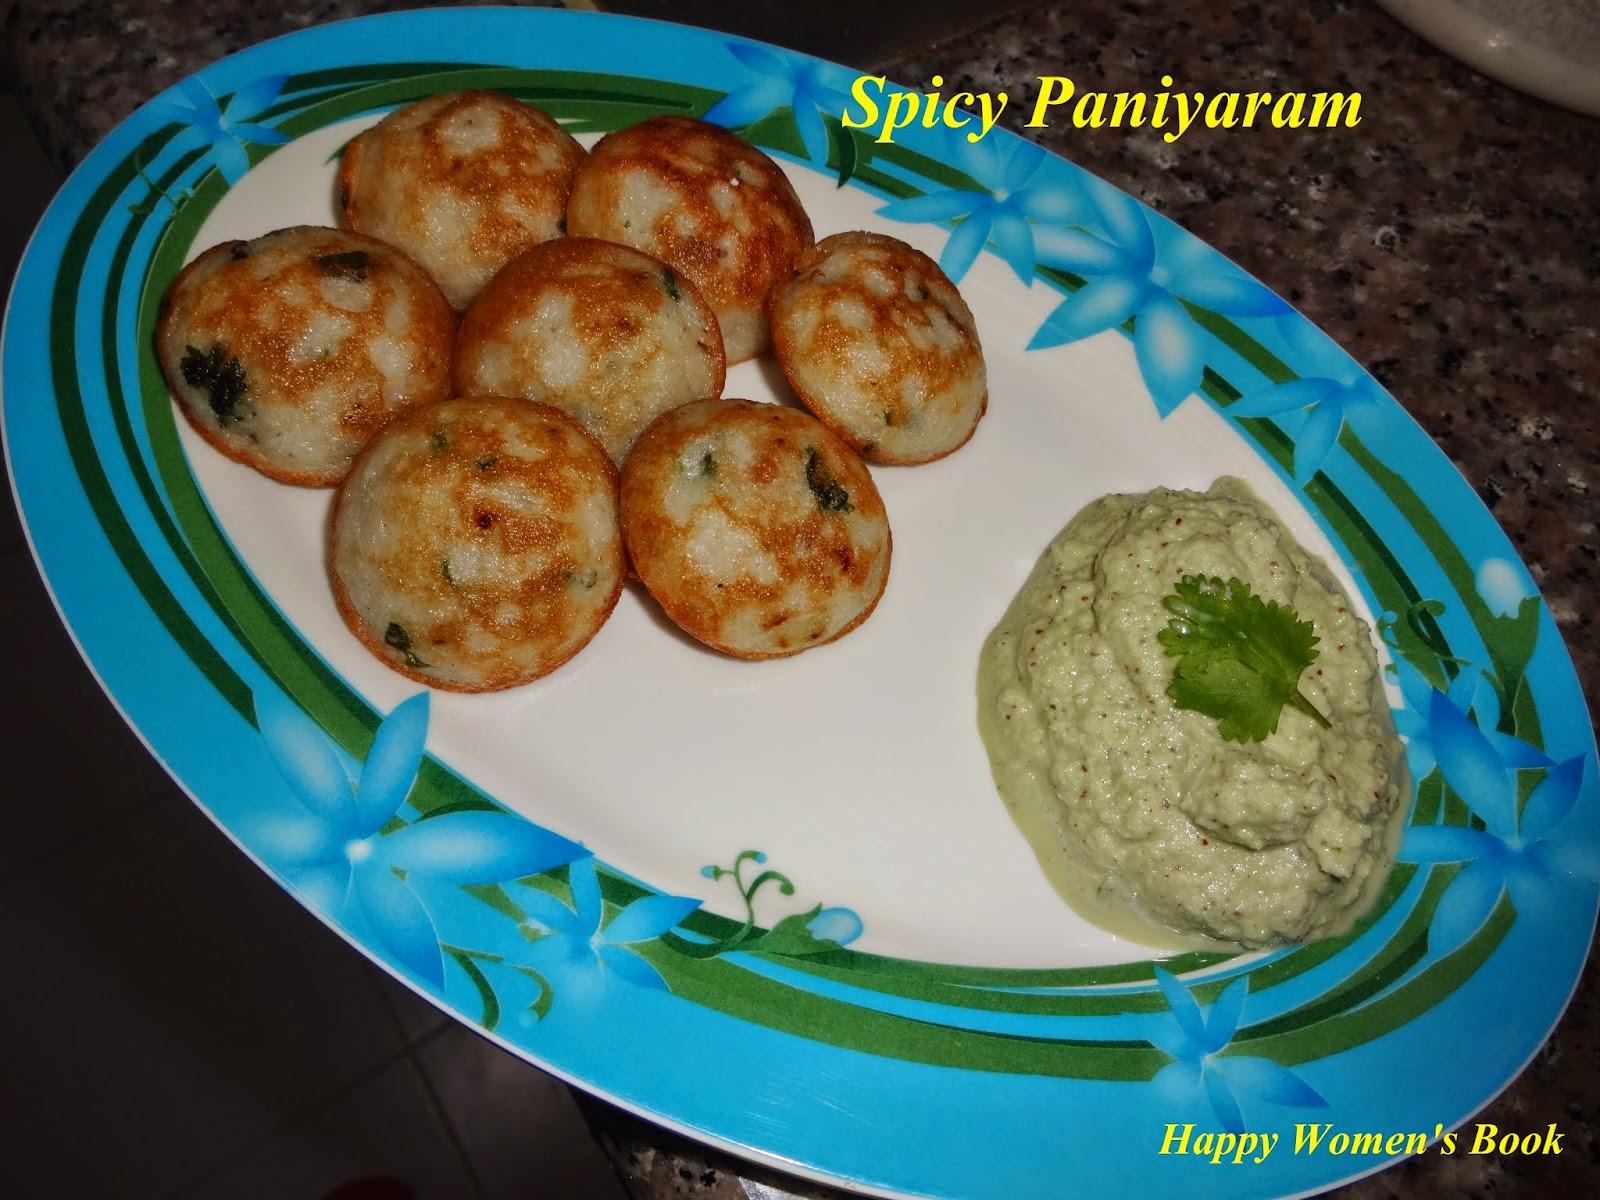 Spicy Paniyaram